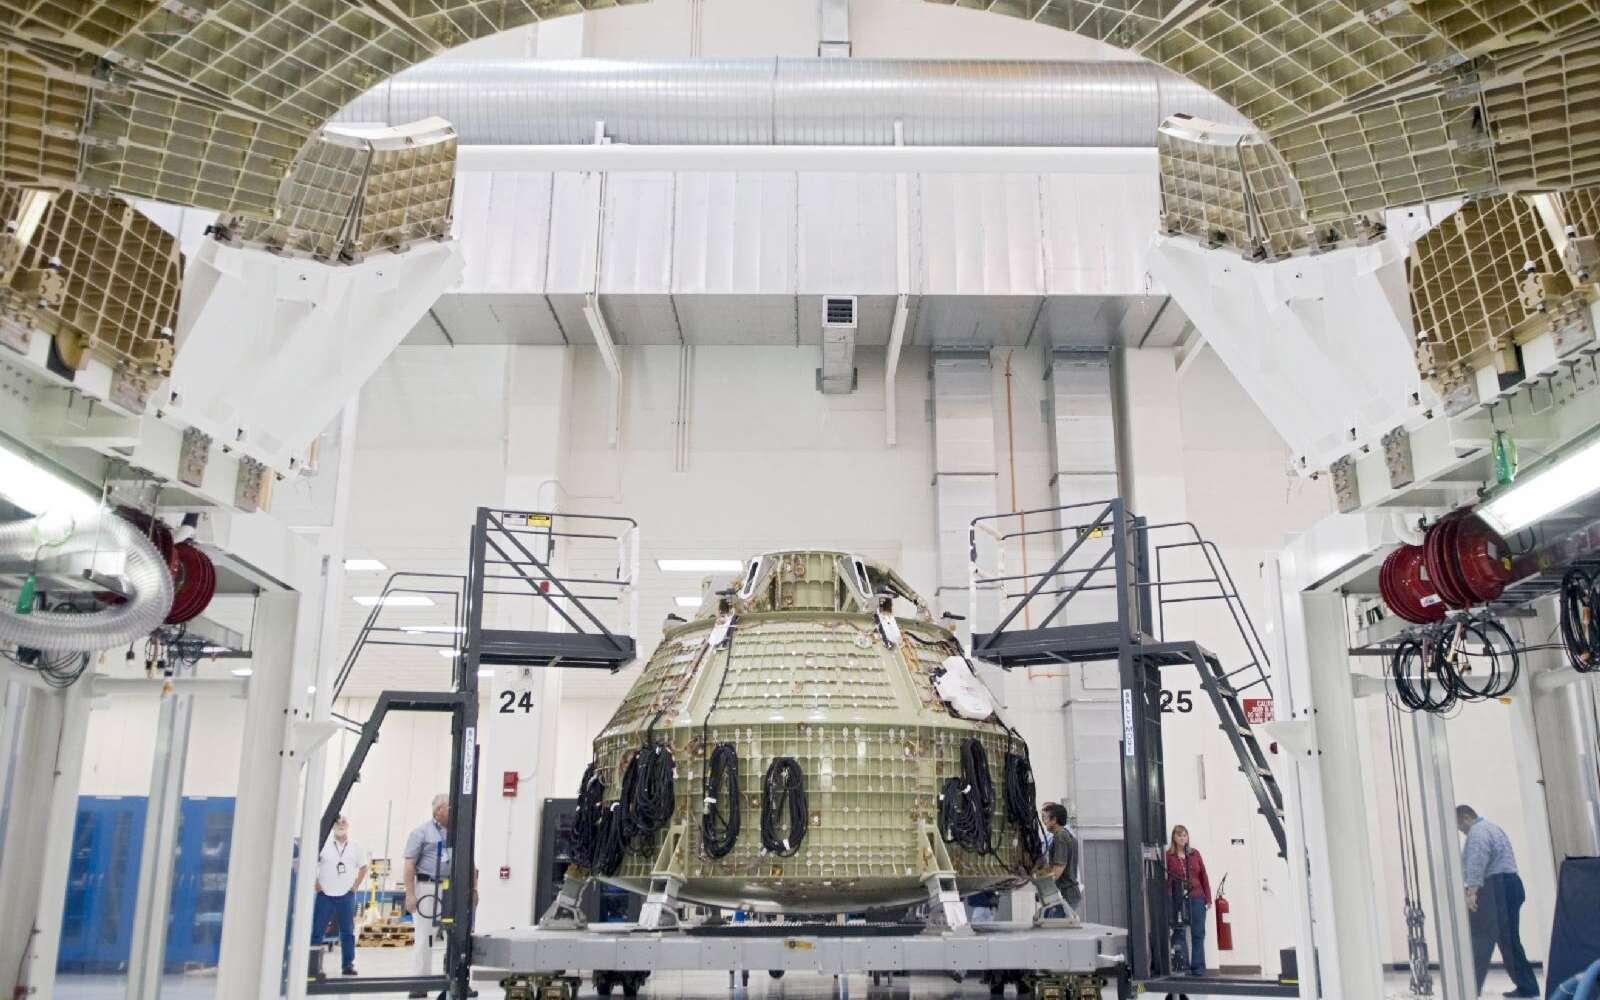 Le futur véhicule d'exploration de la Nasa prend forme. Si son premier vol d'essai, prévu en septembre 2014, se fera sans équipage, la Nasa projette de lancer une mission habitée fin 2017. © Nasa